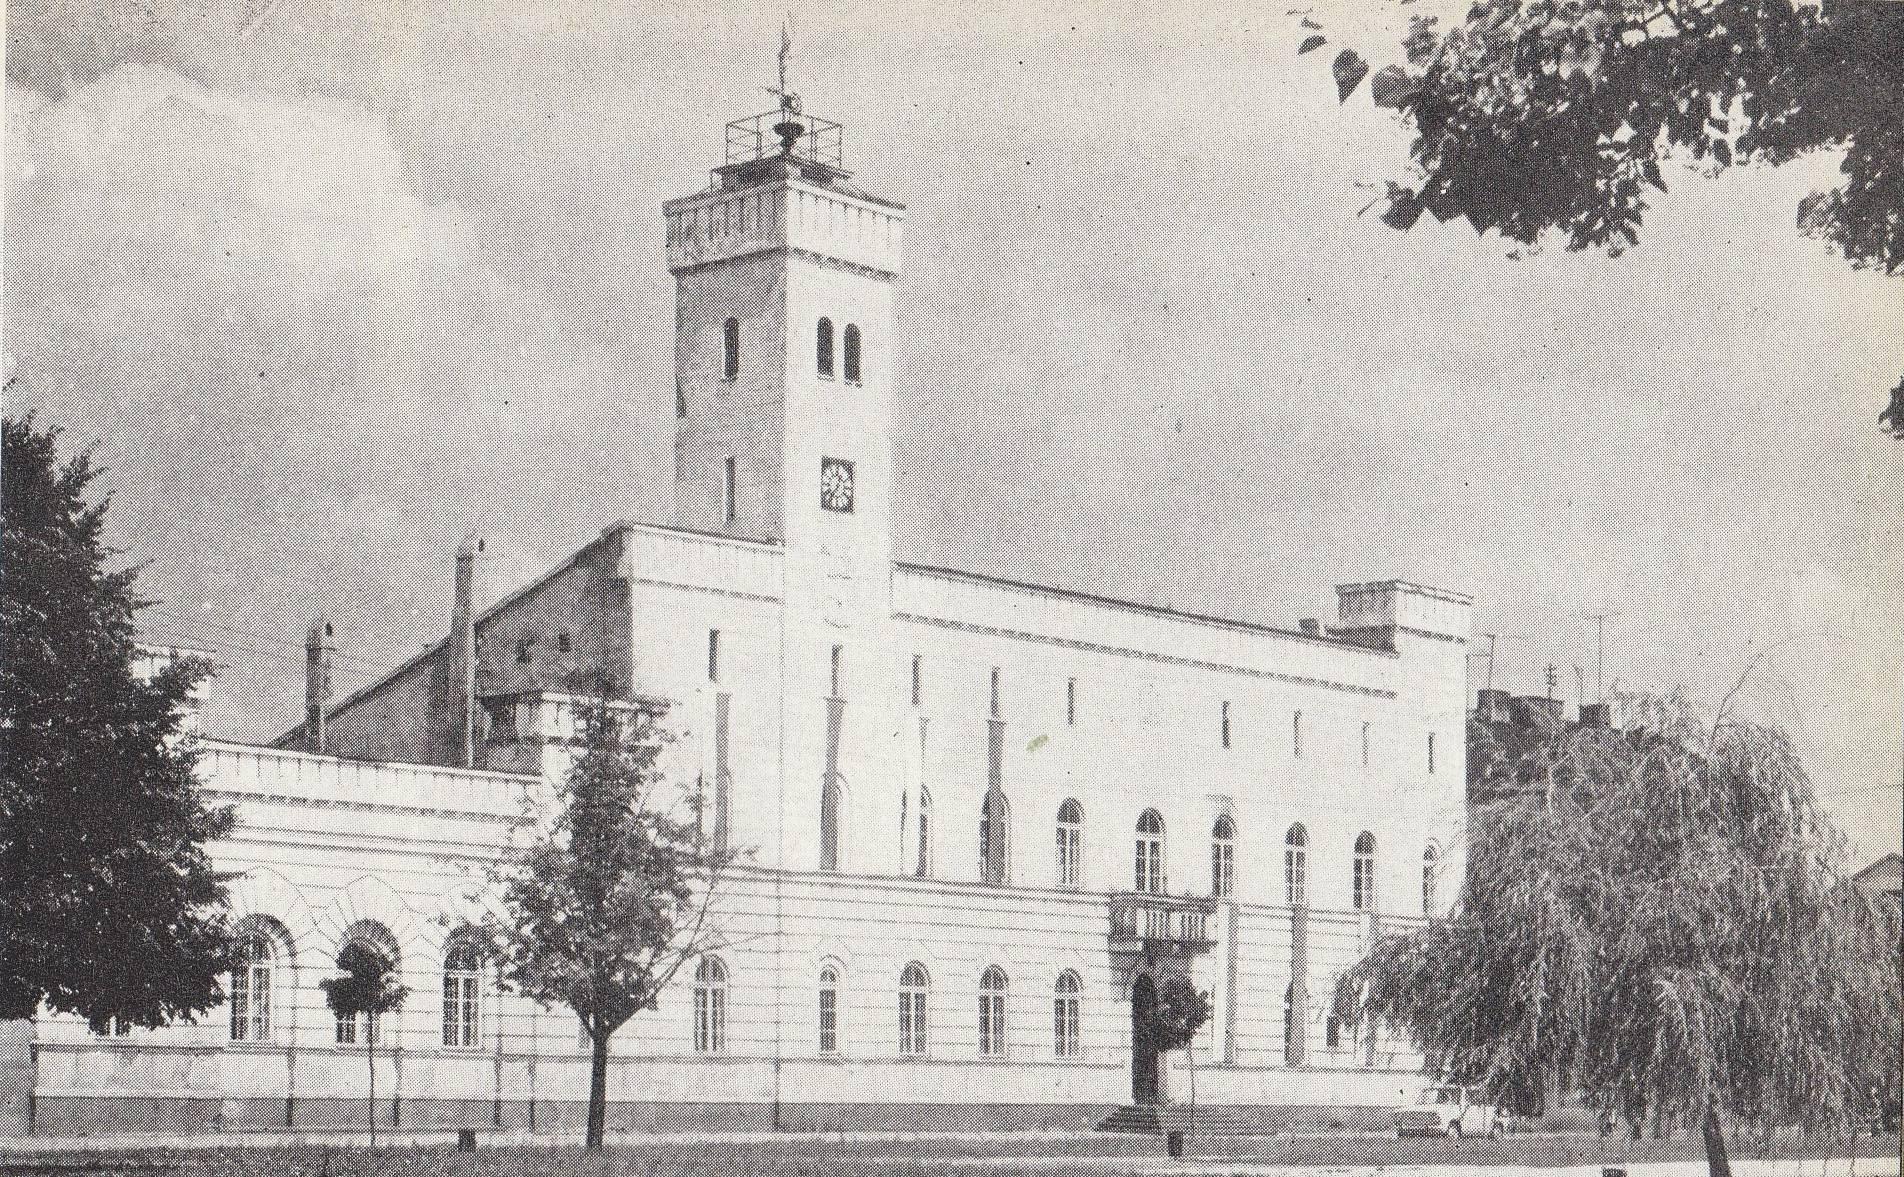 File:Ratusz w Radomiu.jpg - Wikimedia Commons